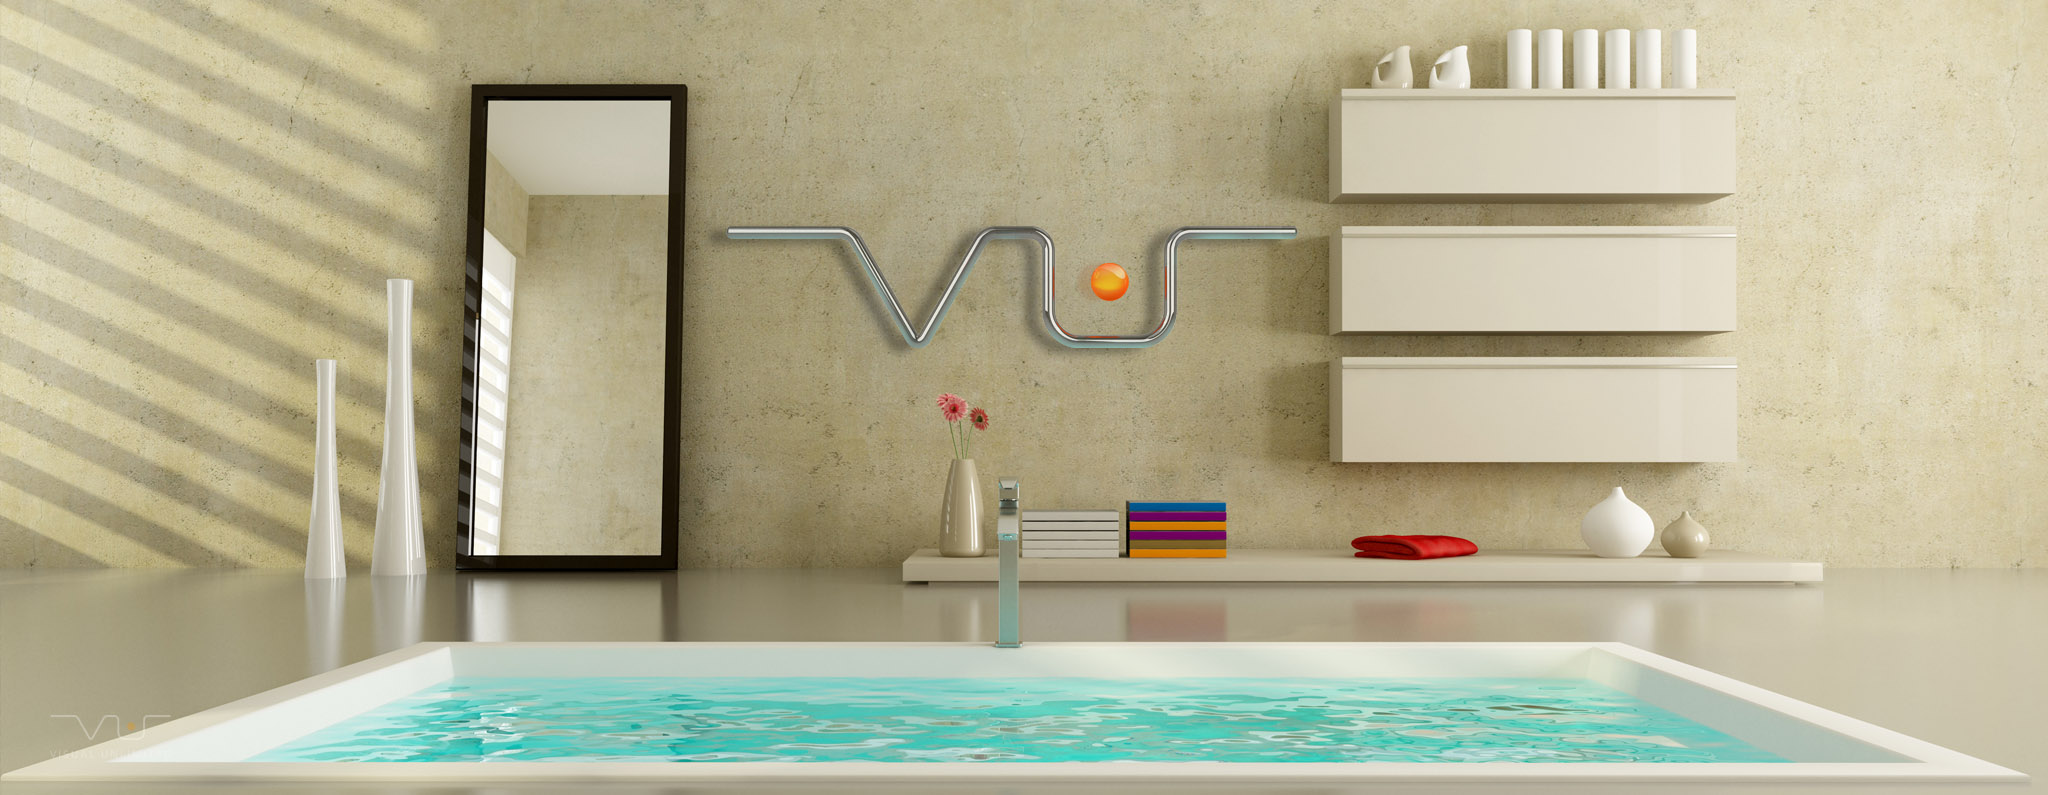 Bilder VU Header Photography 19 VU Badezimmer - Bathroom